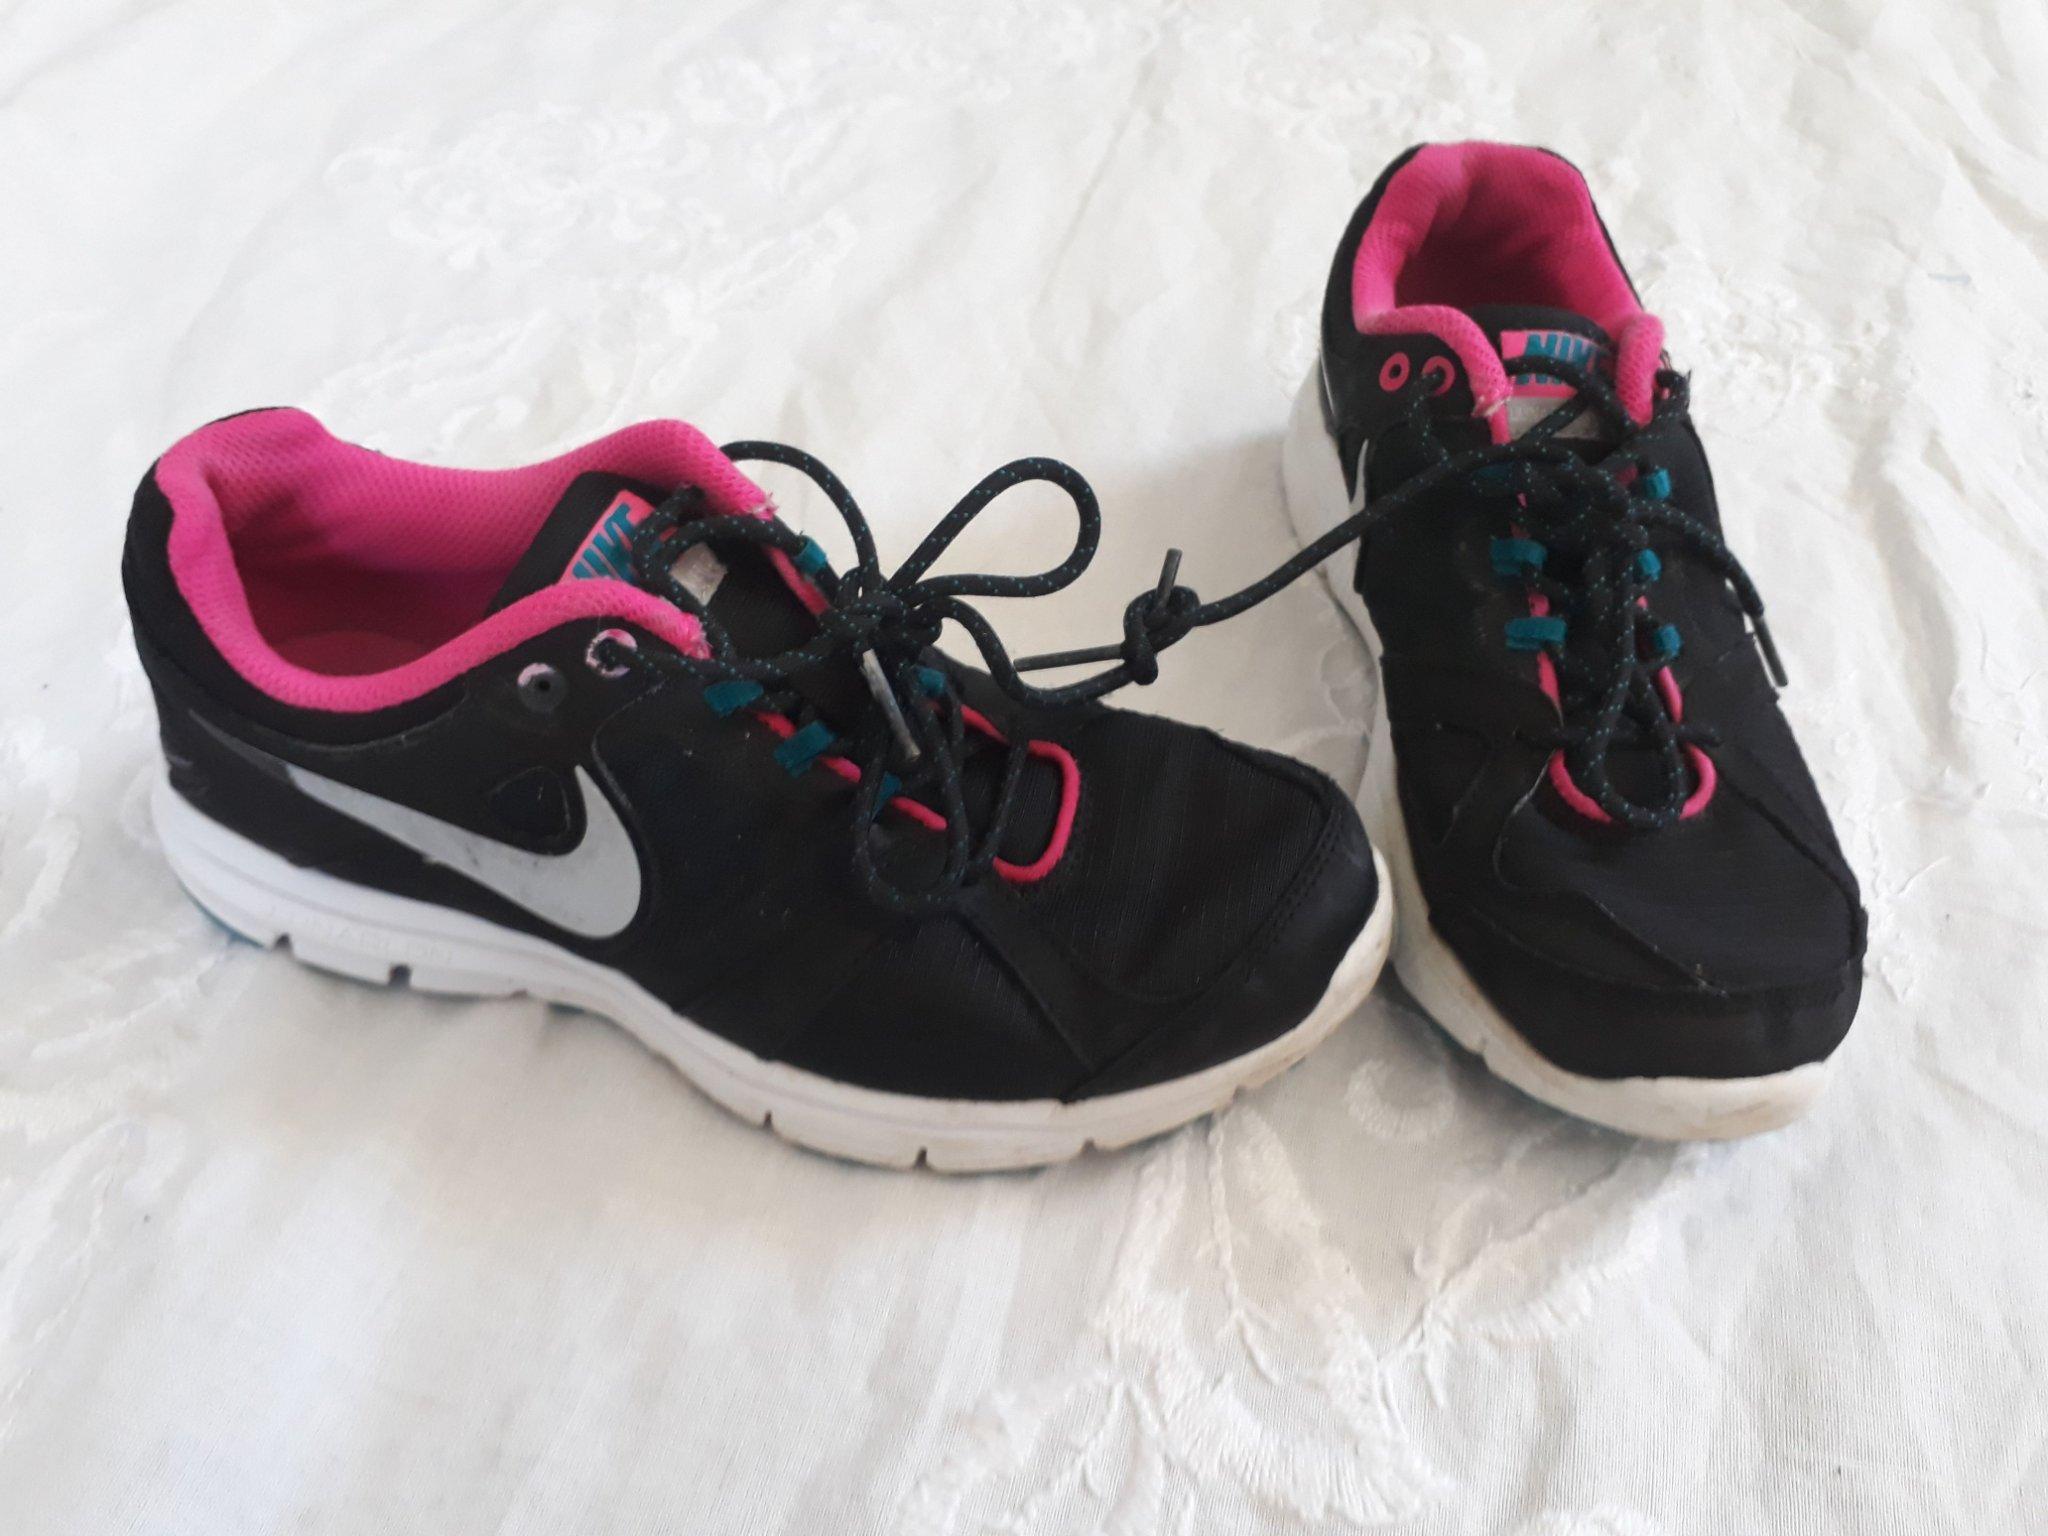 hot sale online b3165 518b9 Fina! Nike skor stl 35,5 (22,5cm) svarta sport